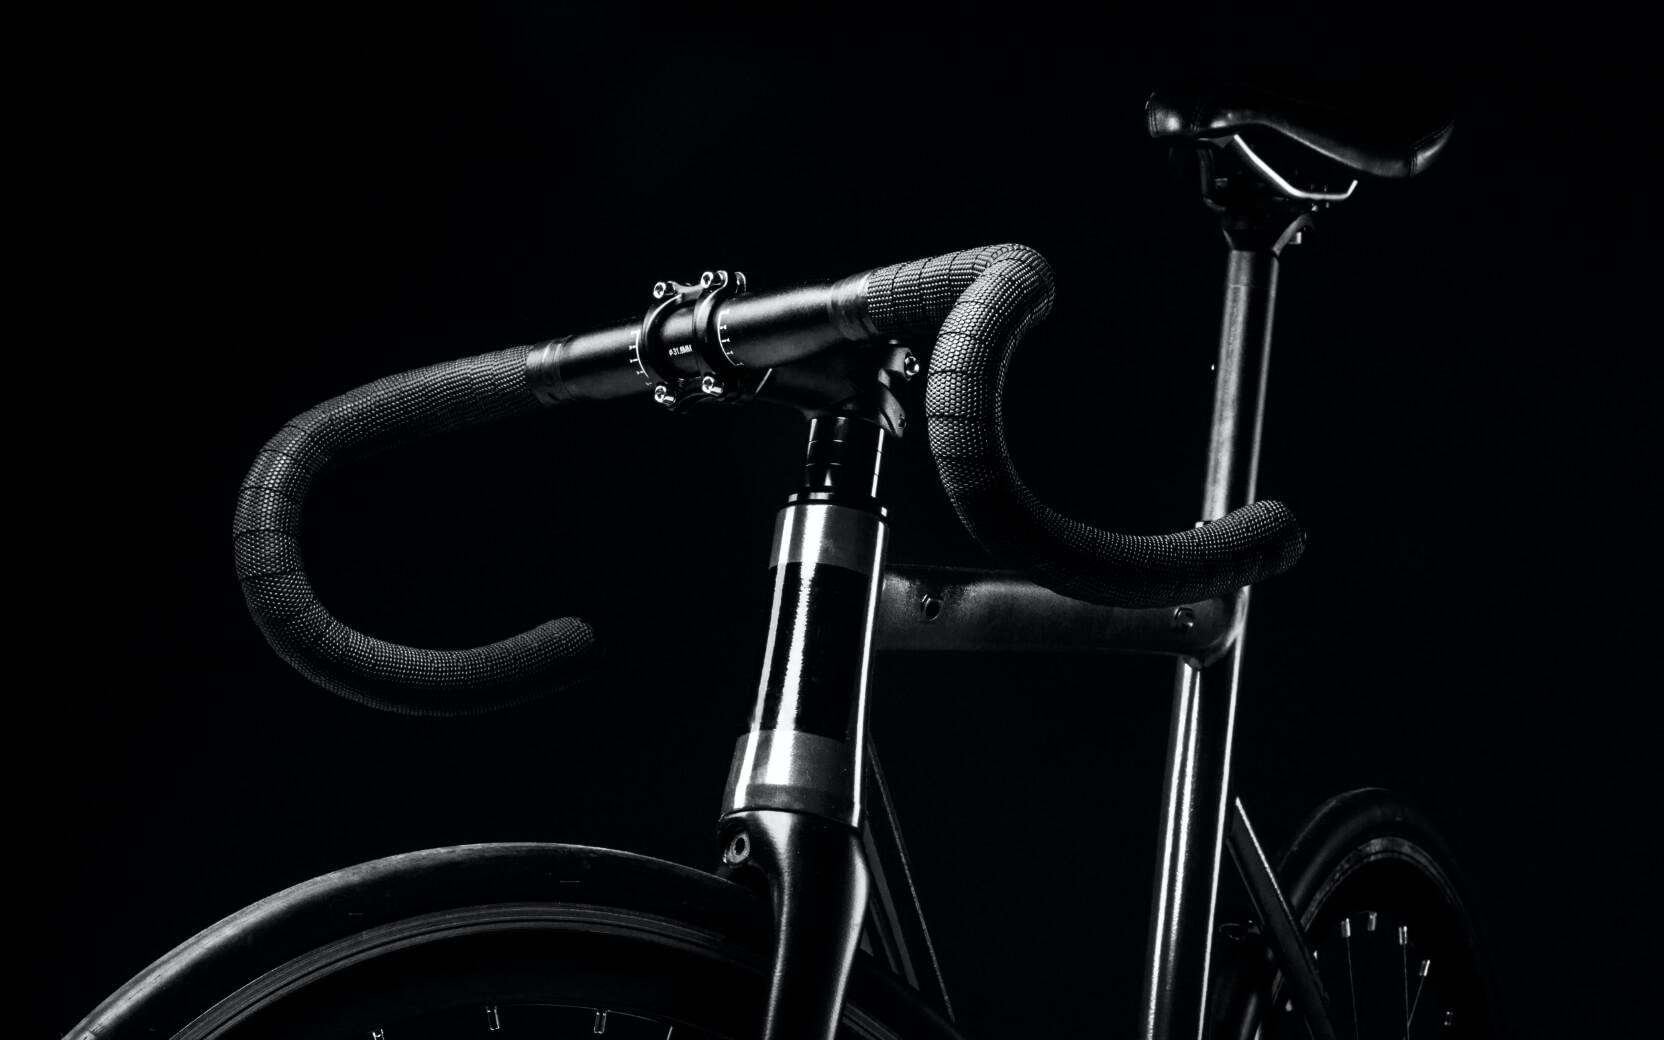 Produktfoto von einem Fahrrad in Schwarz-Weiß